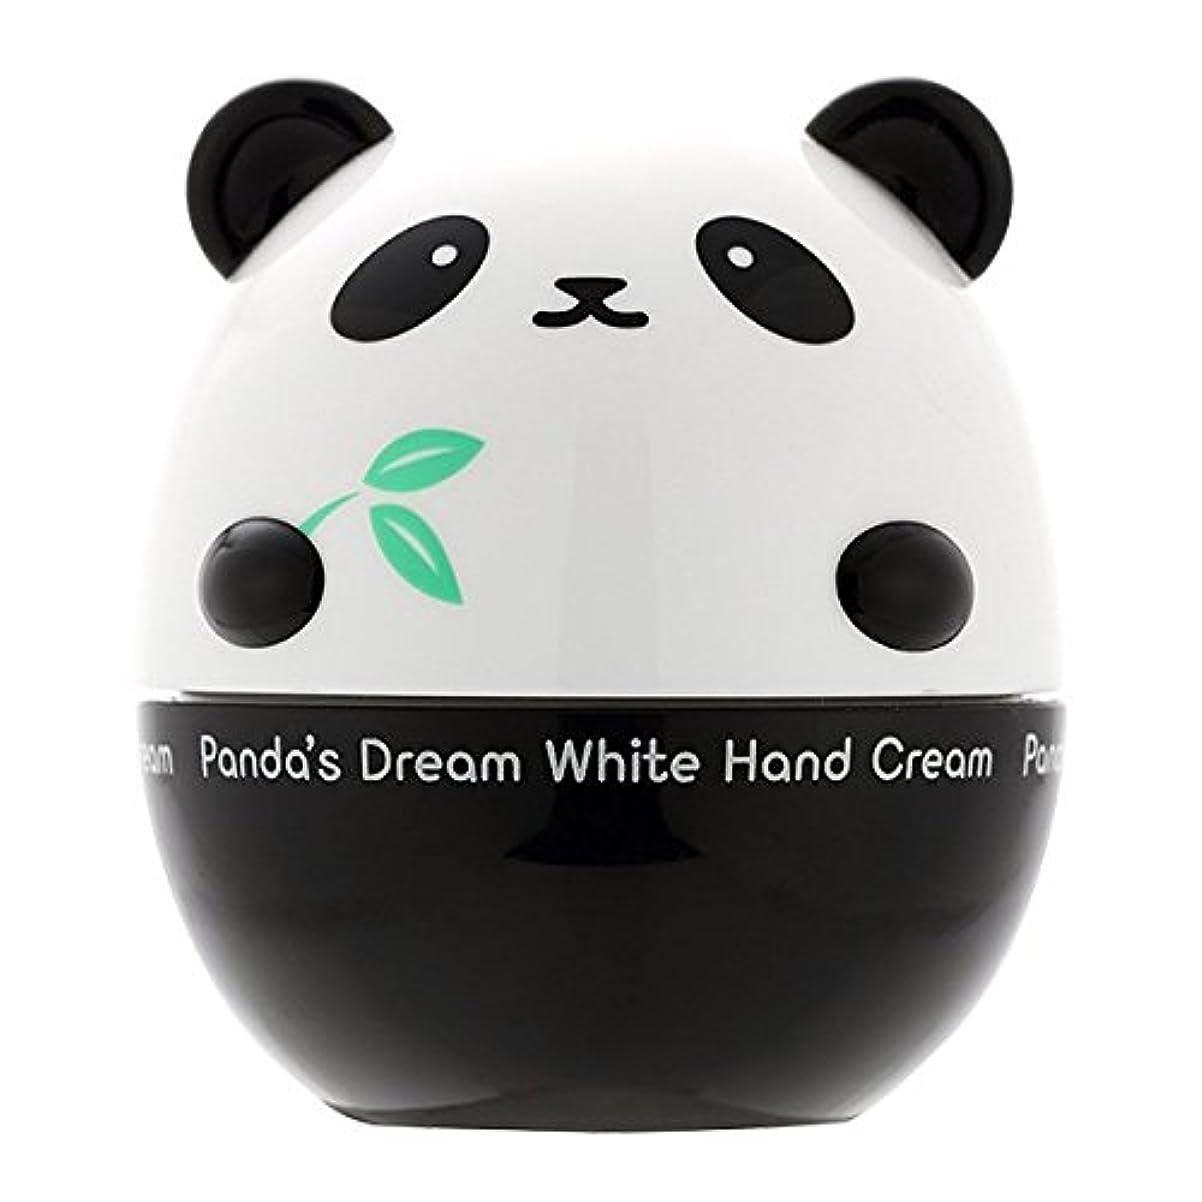 造船水積分TONYMOLY パンダのゆめ ホワイトマジッククリーム 50g Panda's Dream White Magic Cream 照明クリームトニーモリー下地の代わりに美肌クリーム美肌成分含有 【韓国コスメ】トニーモリー